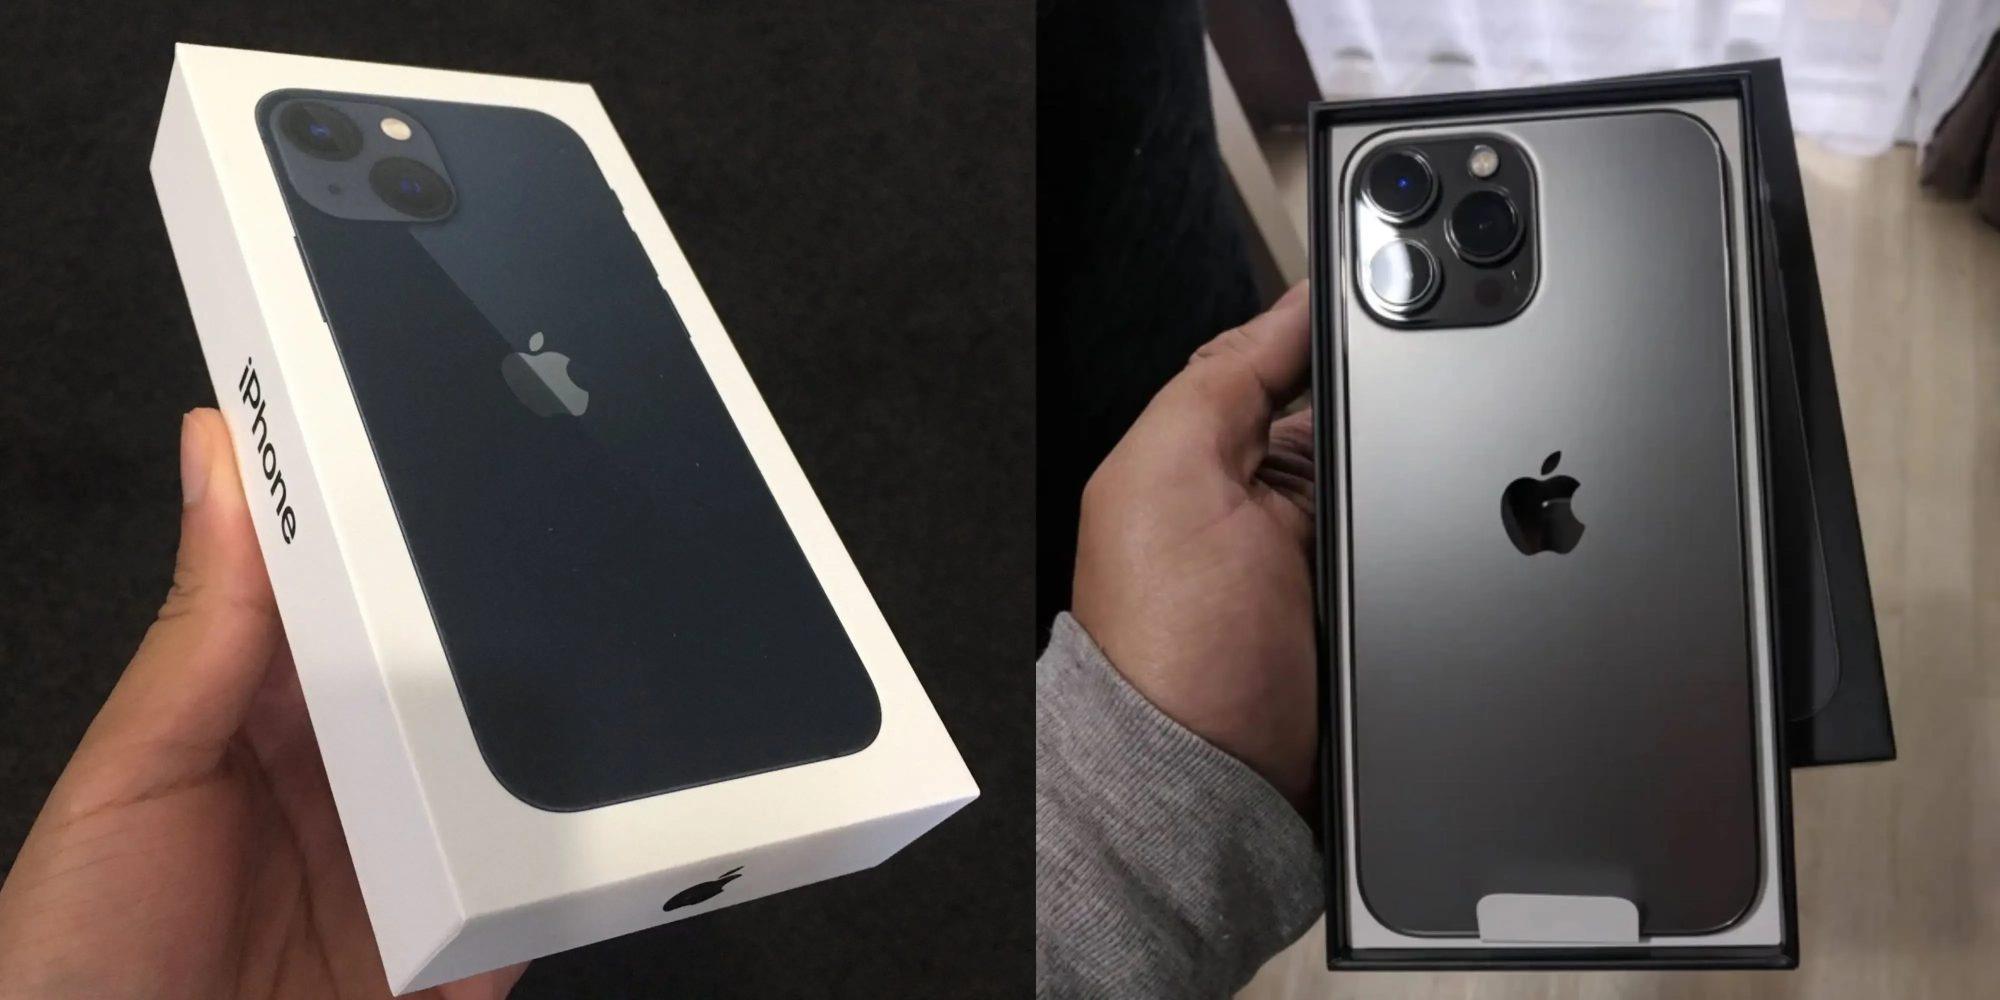 Hôm qua 24/9, Apple chính thức mở bán bộ bốn mẫu iPhone 13 mới tại một số quốc gia có Apple Store. Ảnh: @AFP.